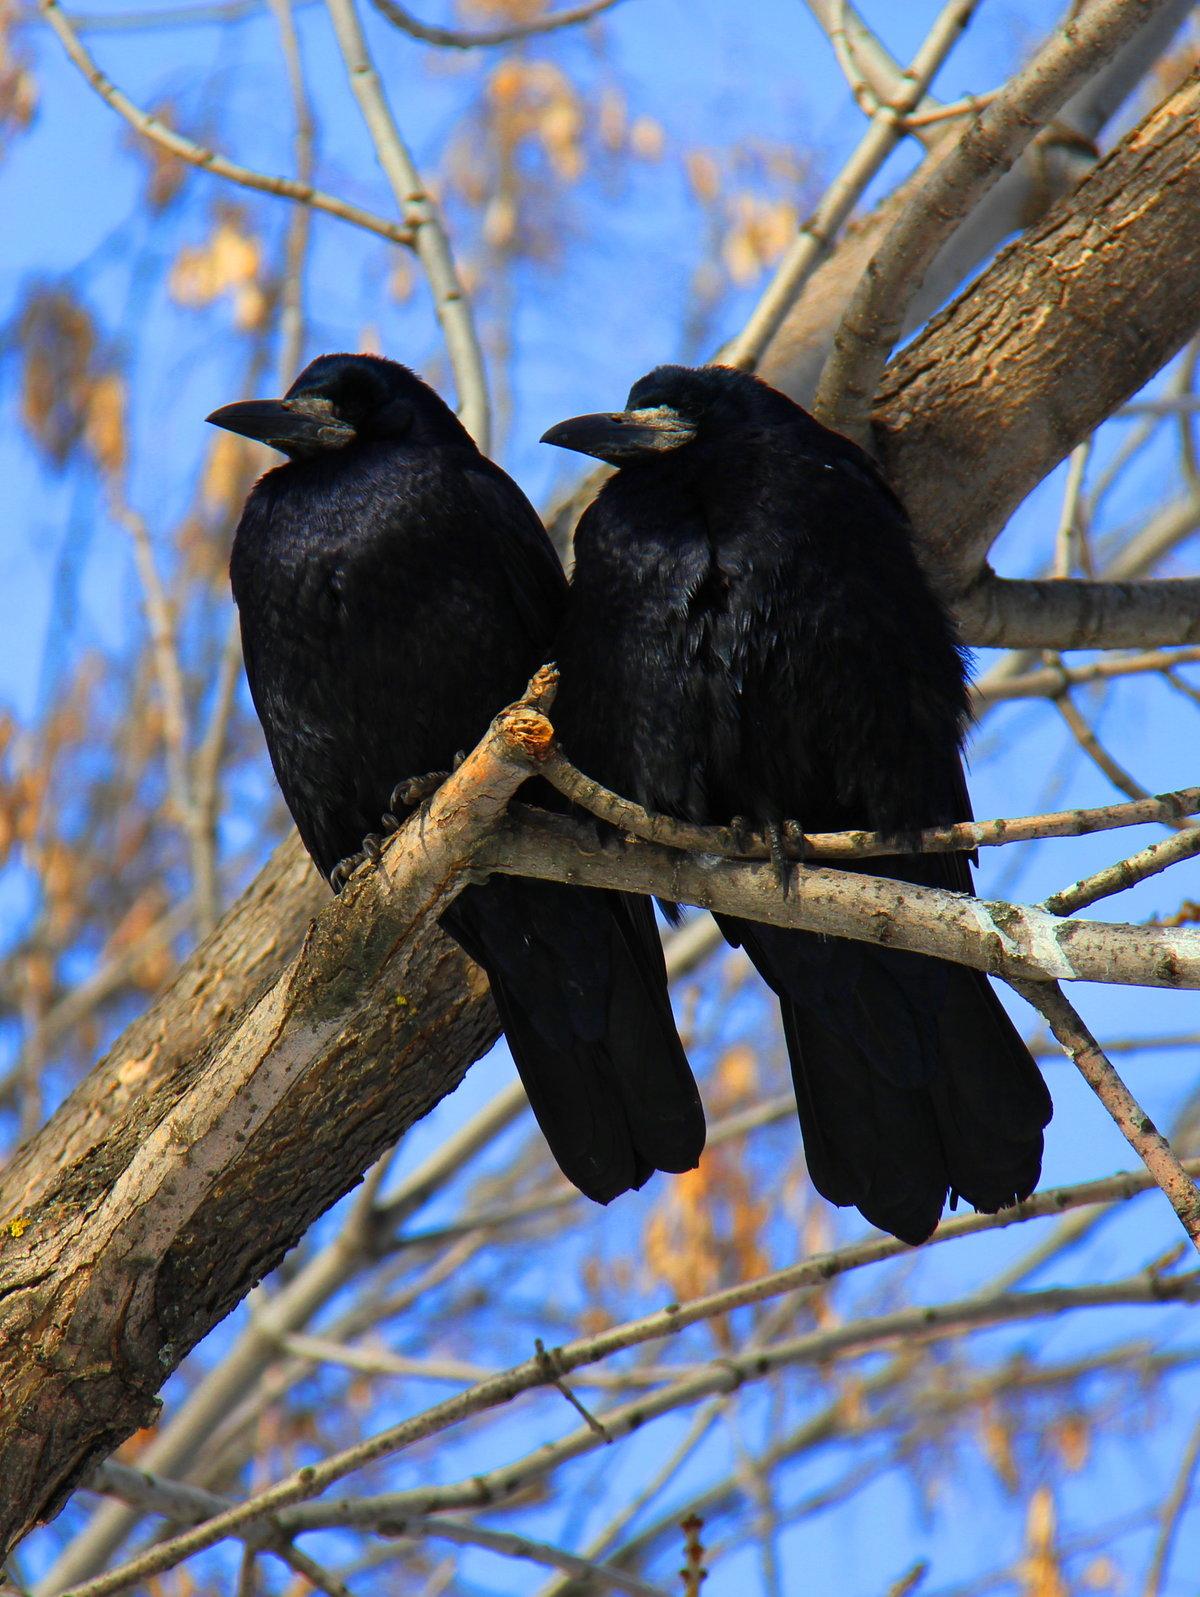 красавицы картинки первые птицы весны празднику